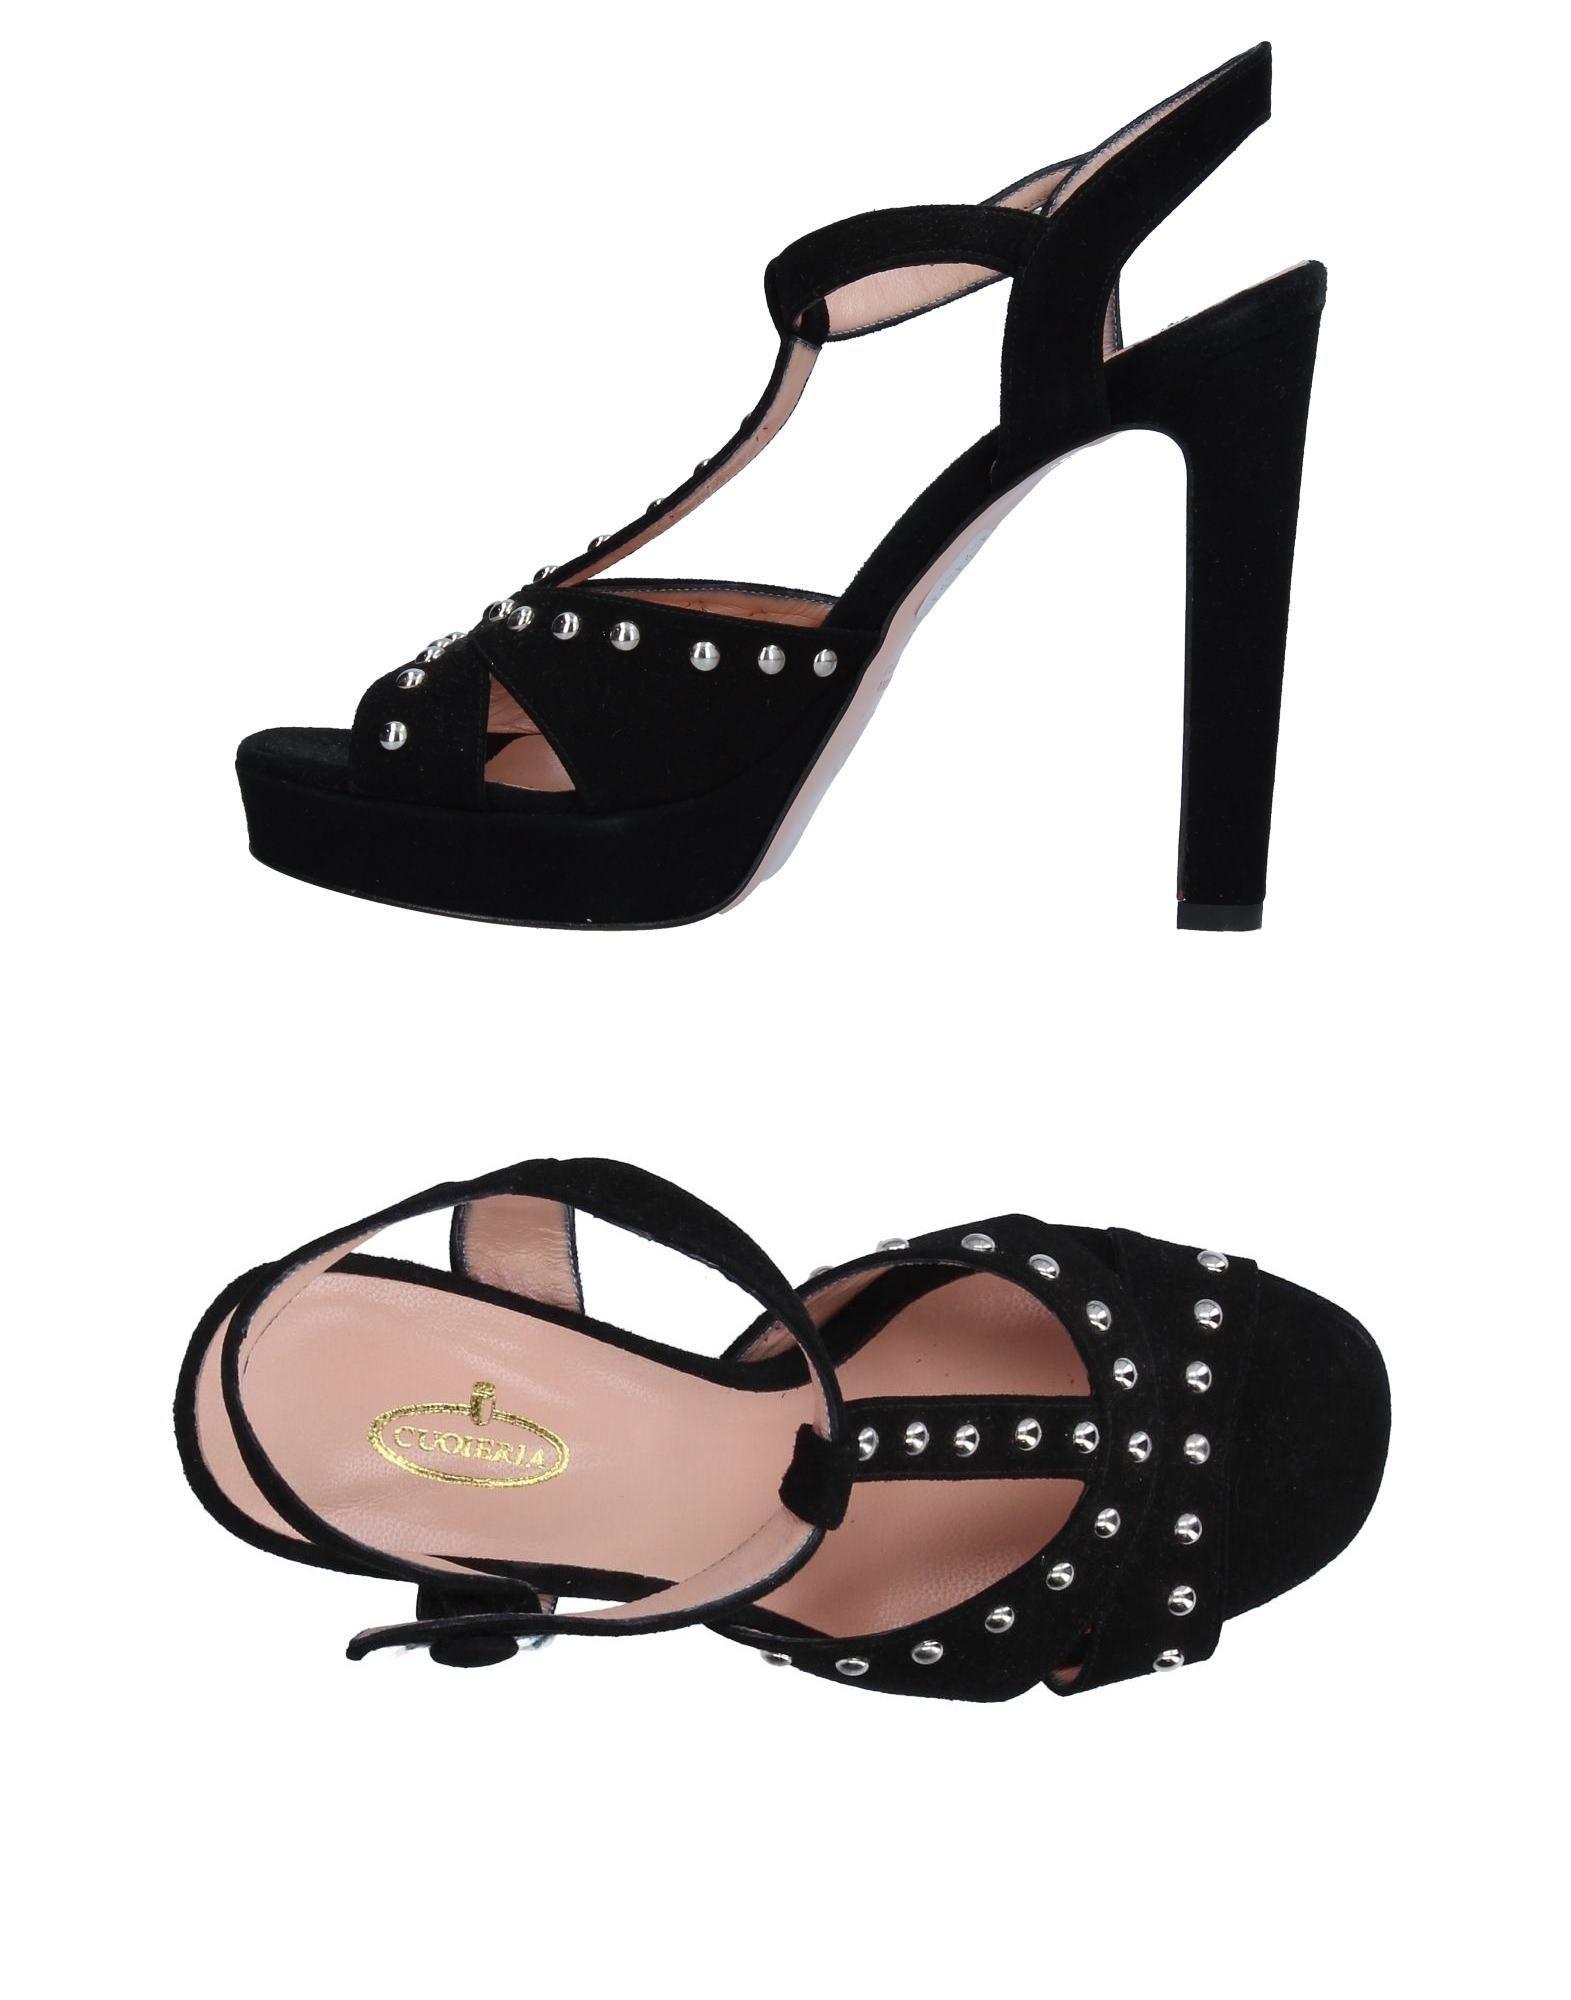 Sandales Cuoieria Femme - Sandales Cuoieria sur